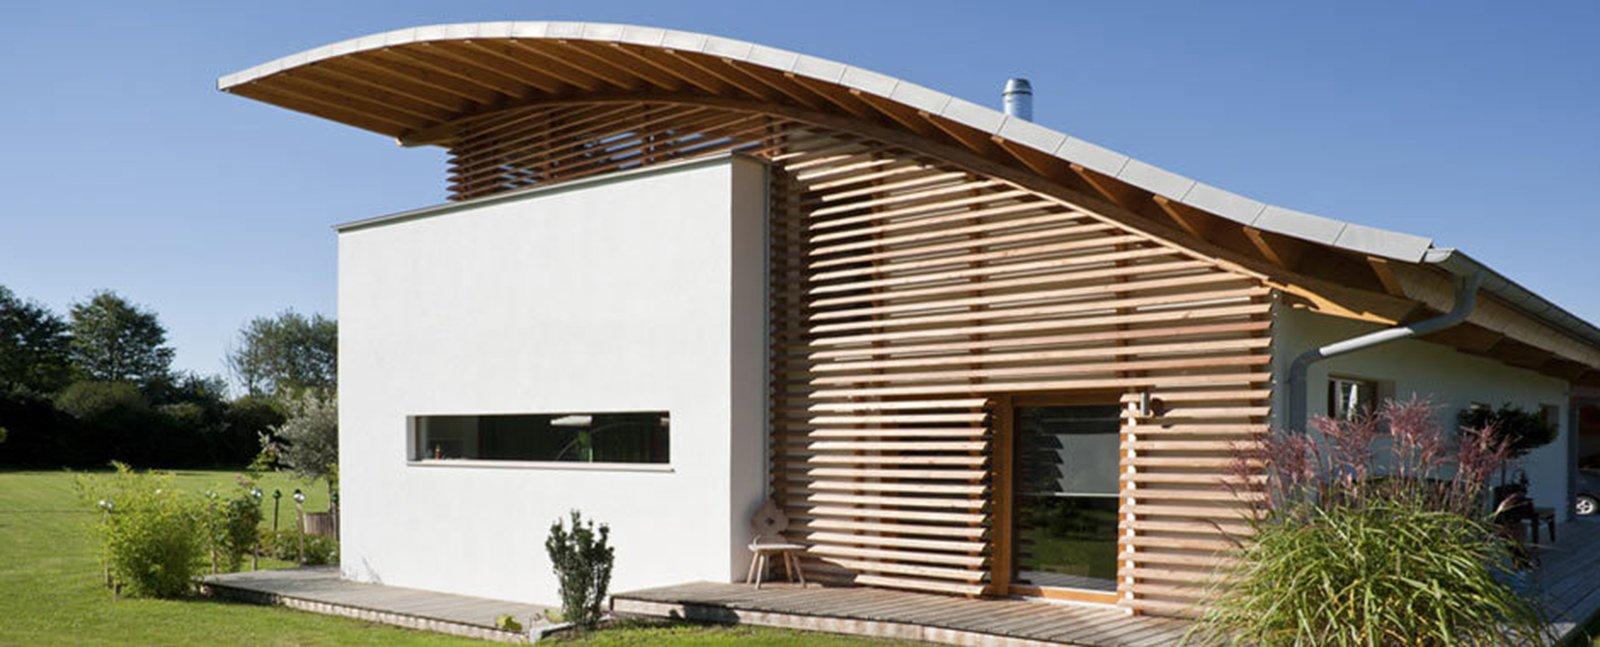 Casa bio rubner residenz2 cose di casa for Rubner prezzi